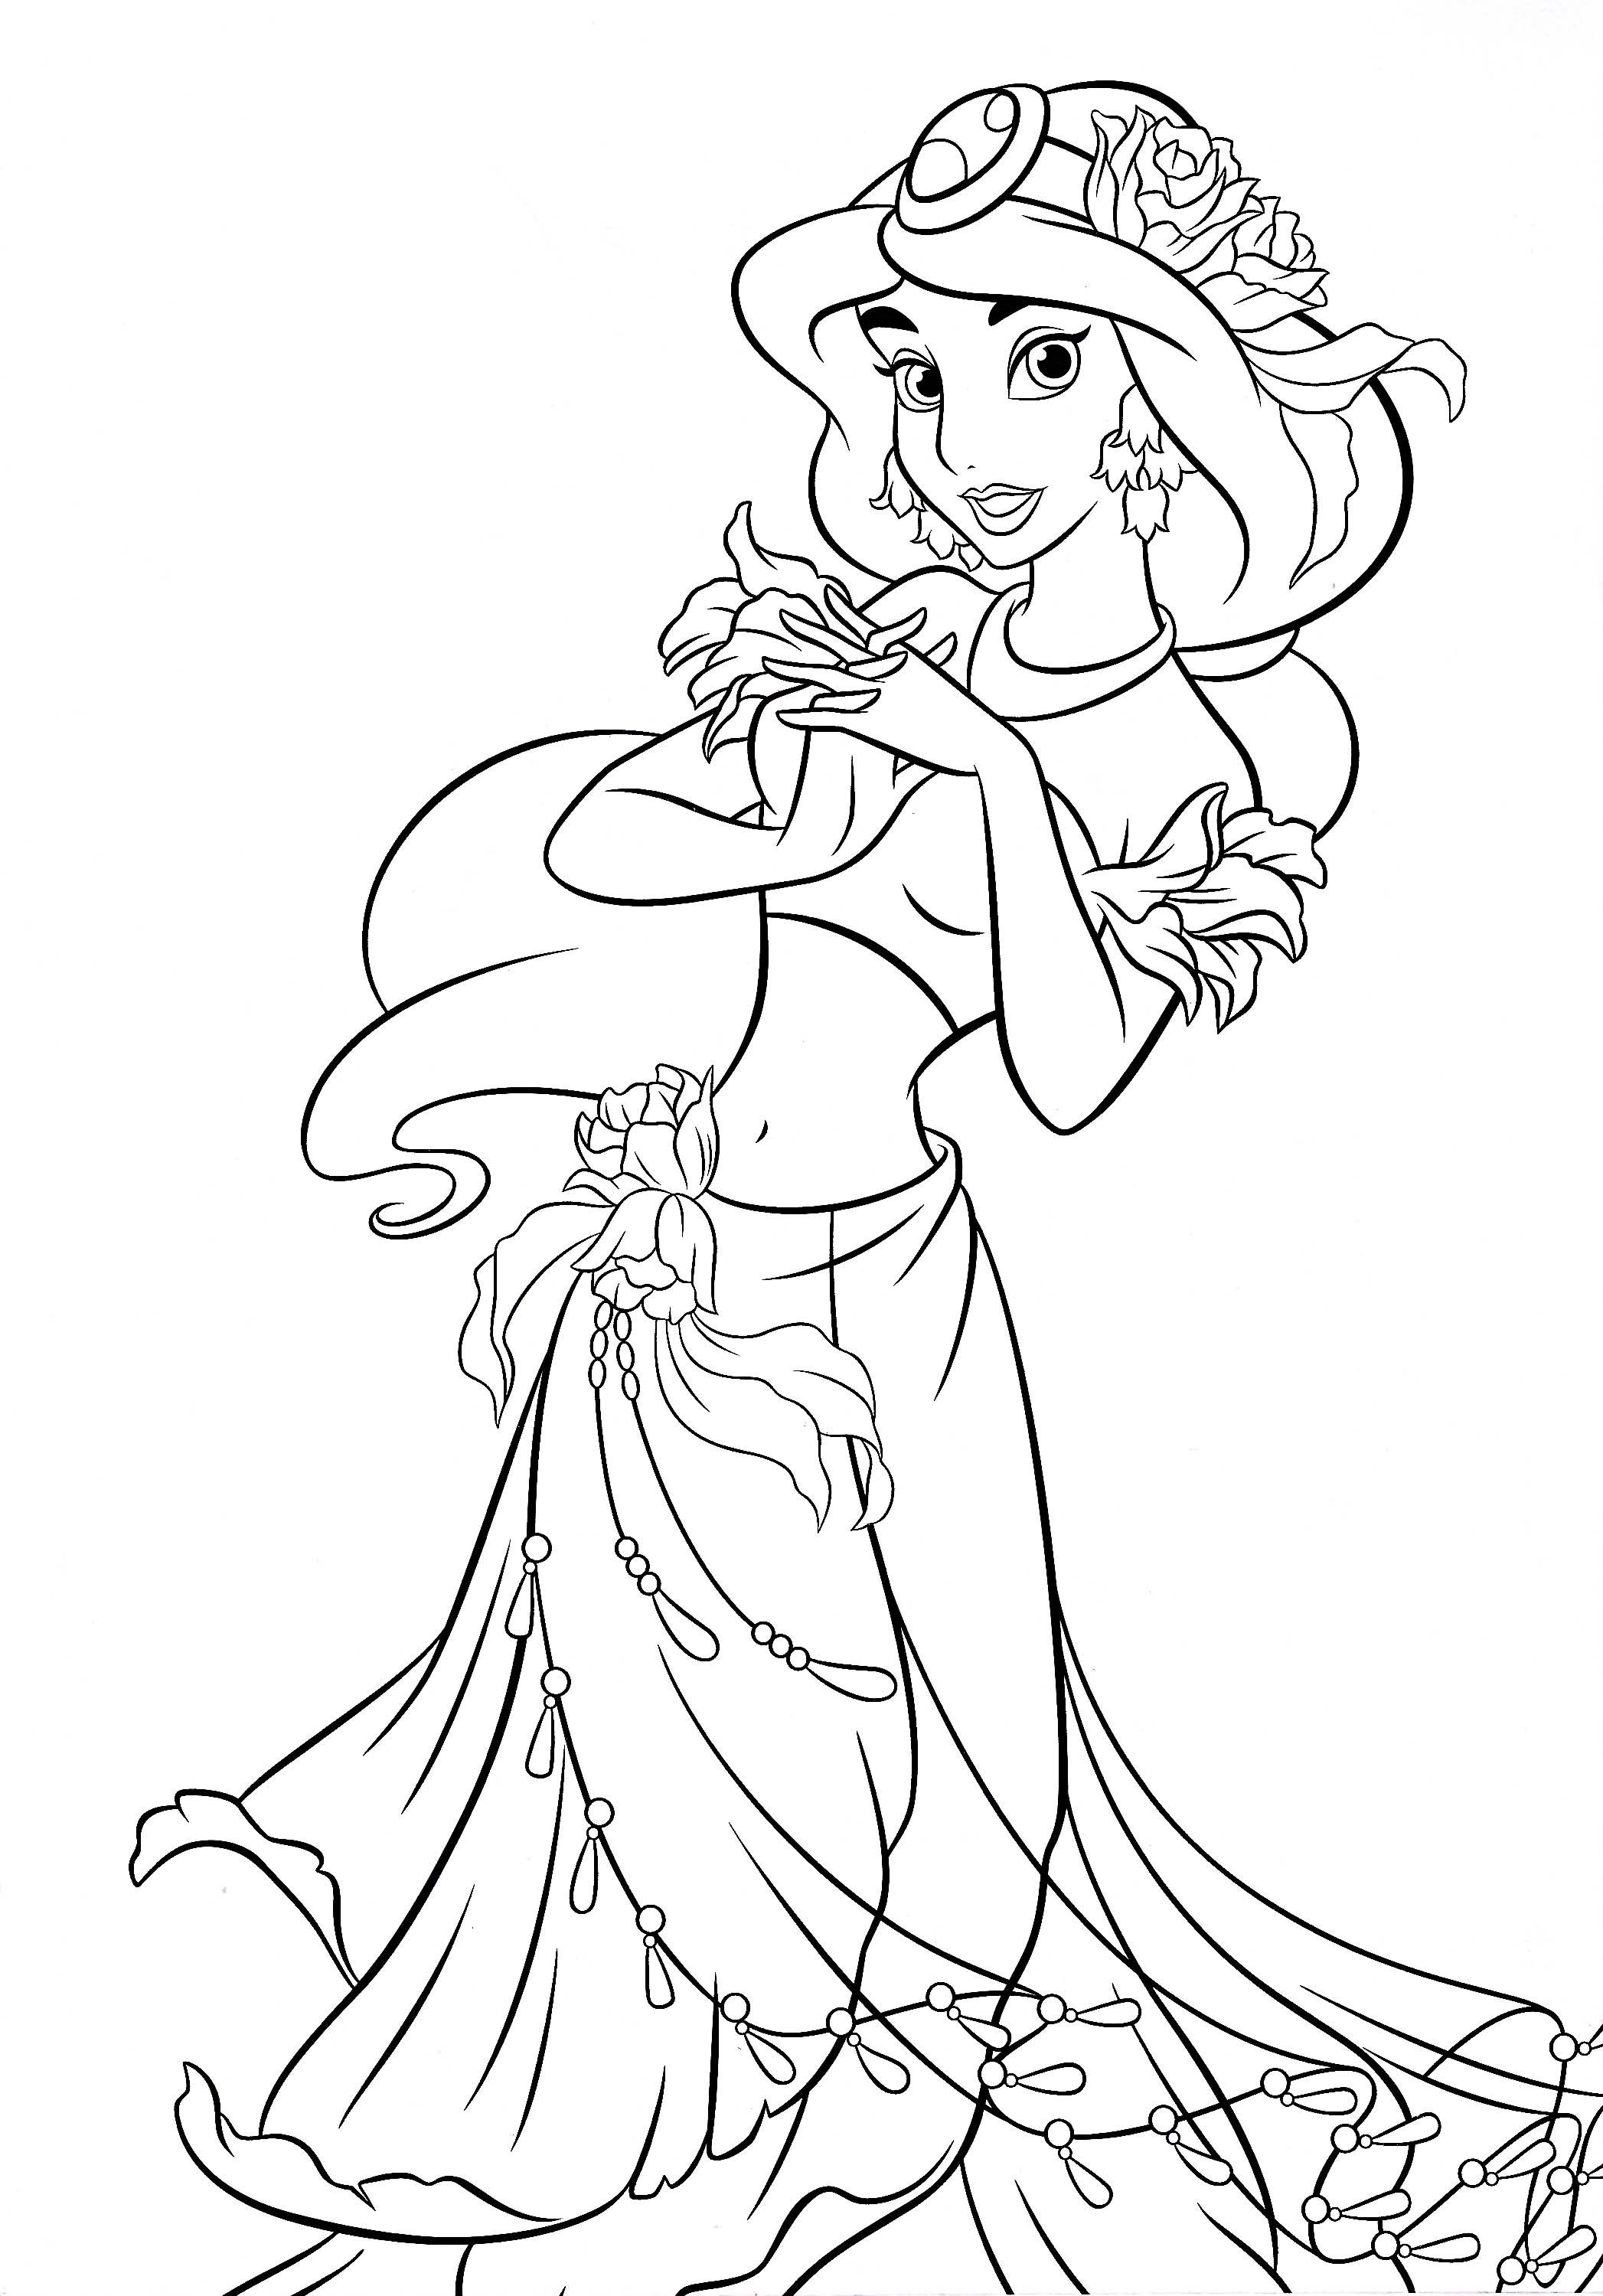 dibujos para colorear de la princesa jasmin | dibujos para colorear ...